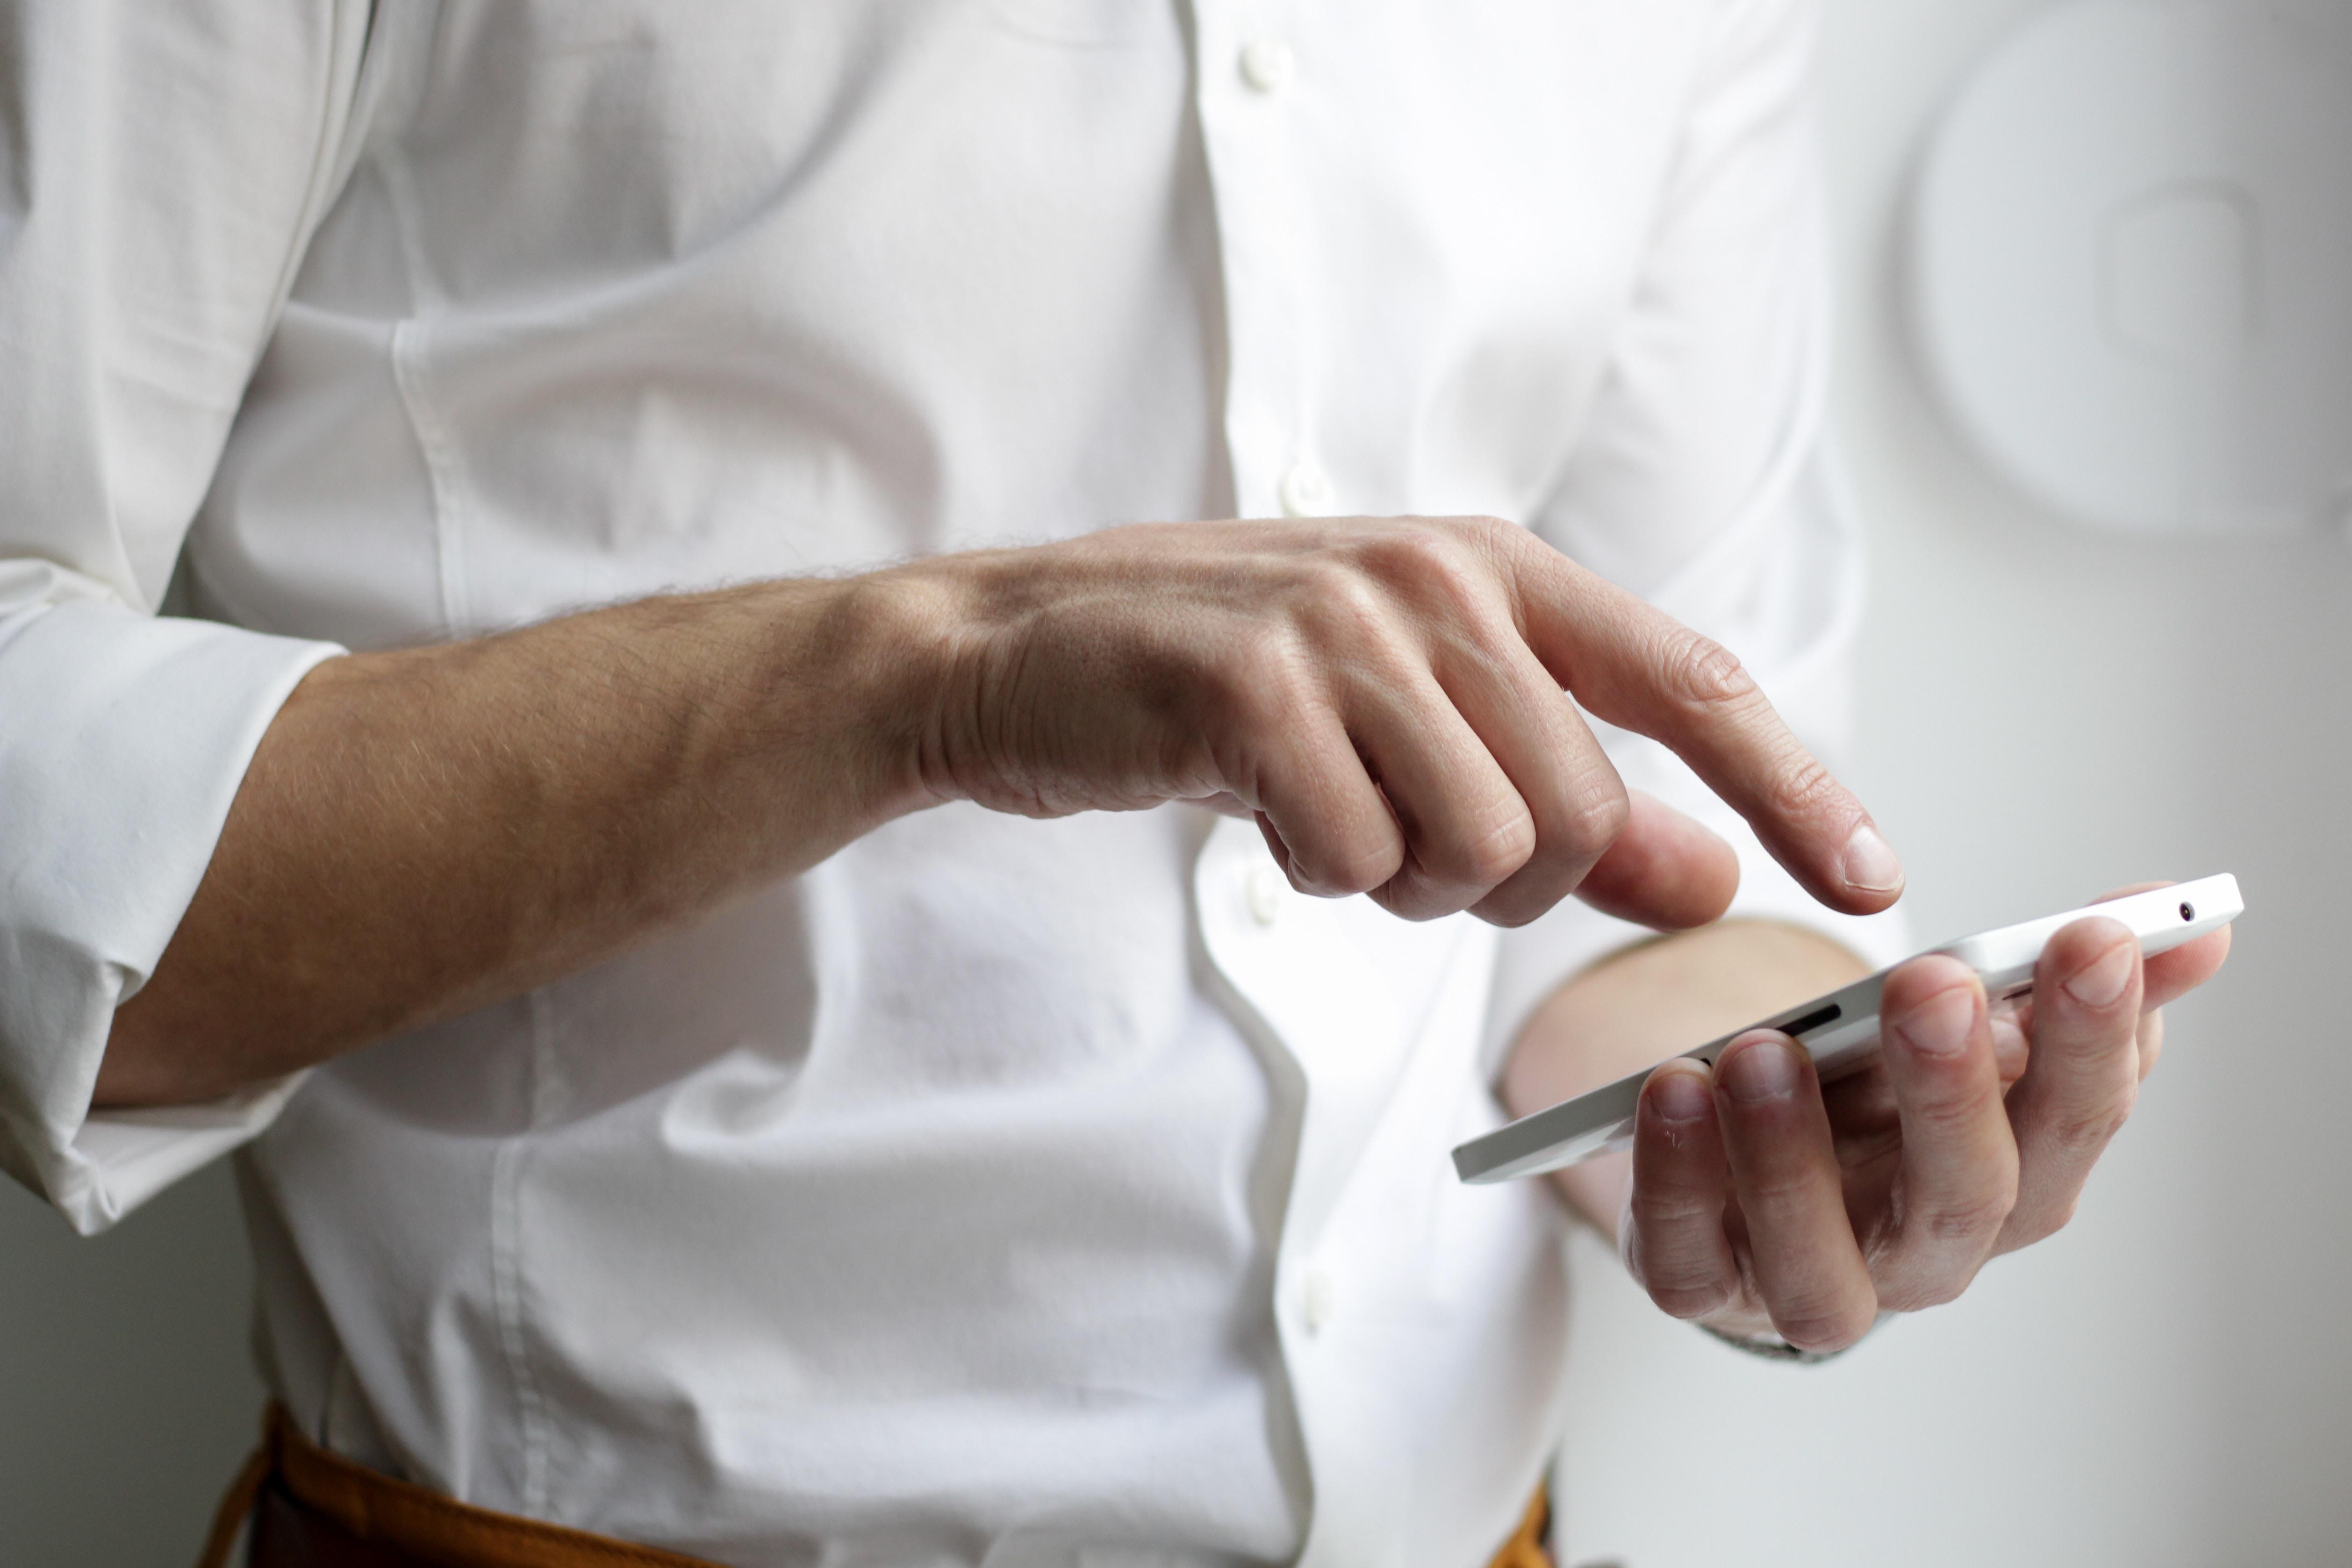 Moderne Stakeholder-Befragungen (Mitarbeiterbefragungen, Kundenbefragungen) nutzen innovative Techniken für den Onine-Fragebogen.